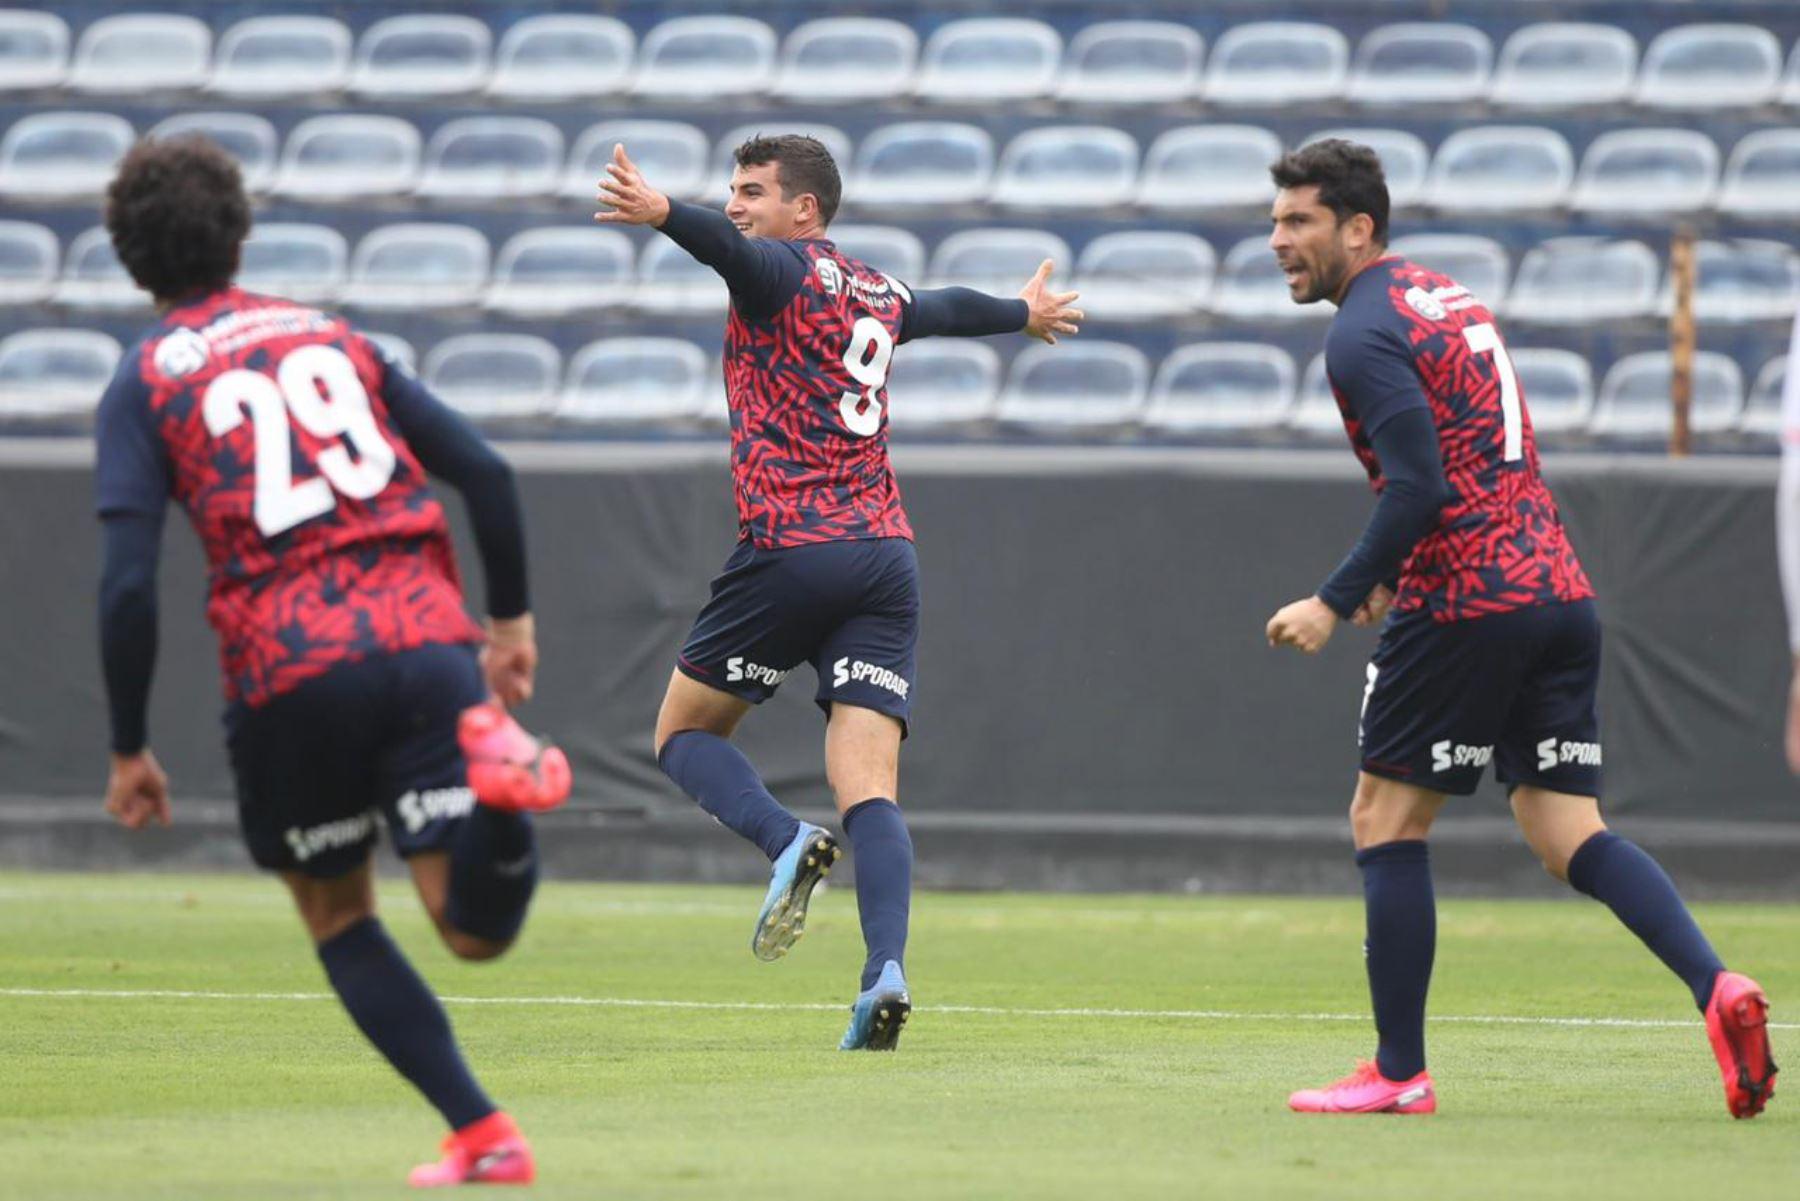 El futbolista Matías Succar del Deportivo Municipal celebra tras anotar gol a Ayacucho FC por la jornada 11 de la Liga 1, en el estadio Alejandro Villanueva. Foto: @LigaFutProf